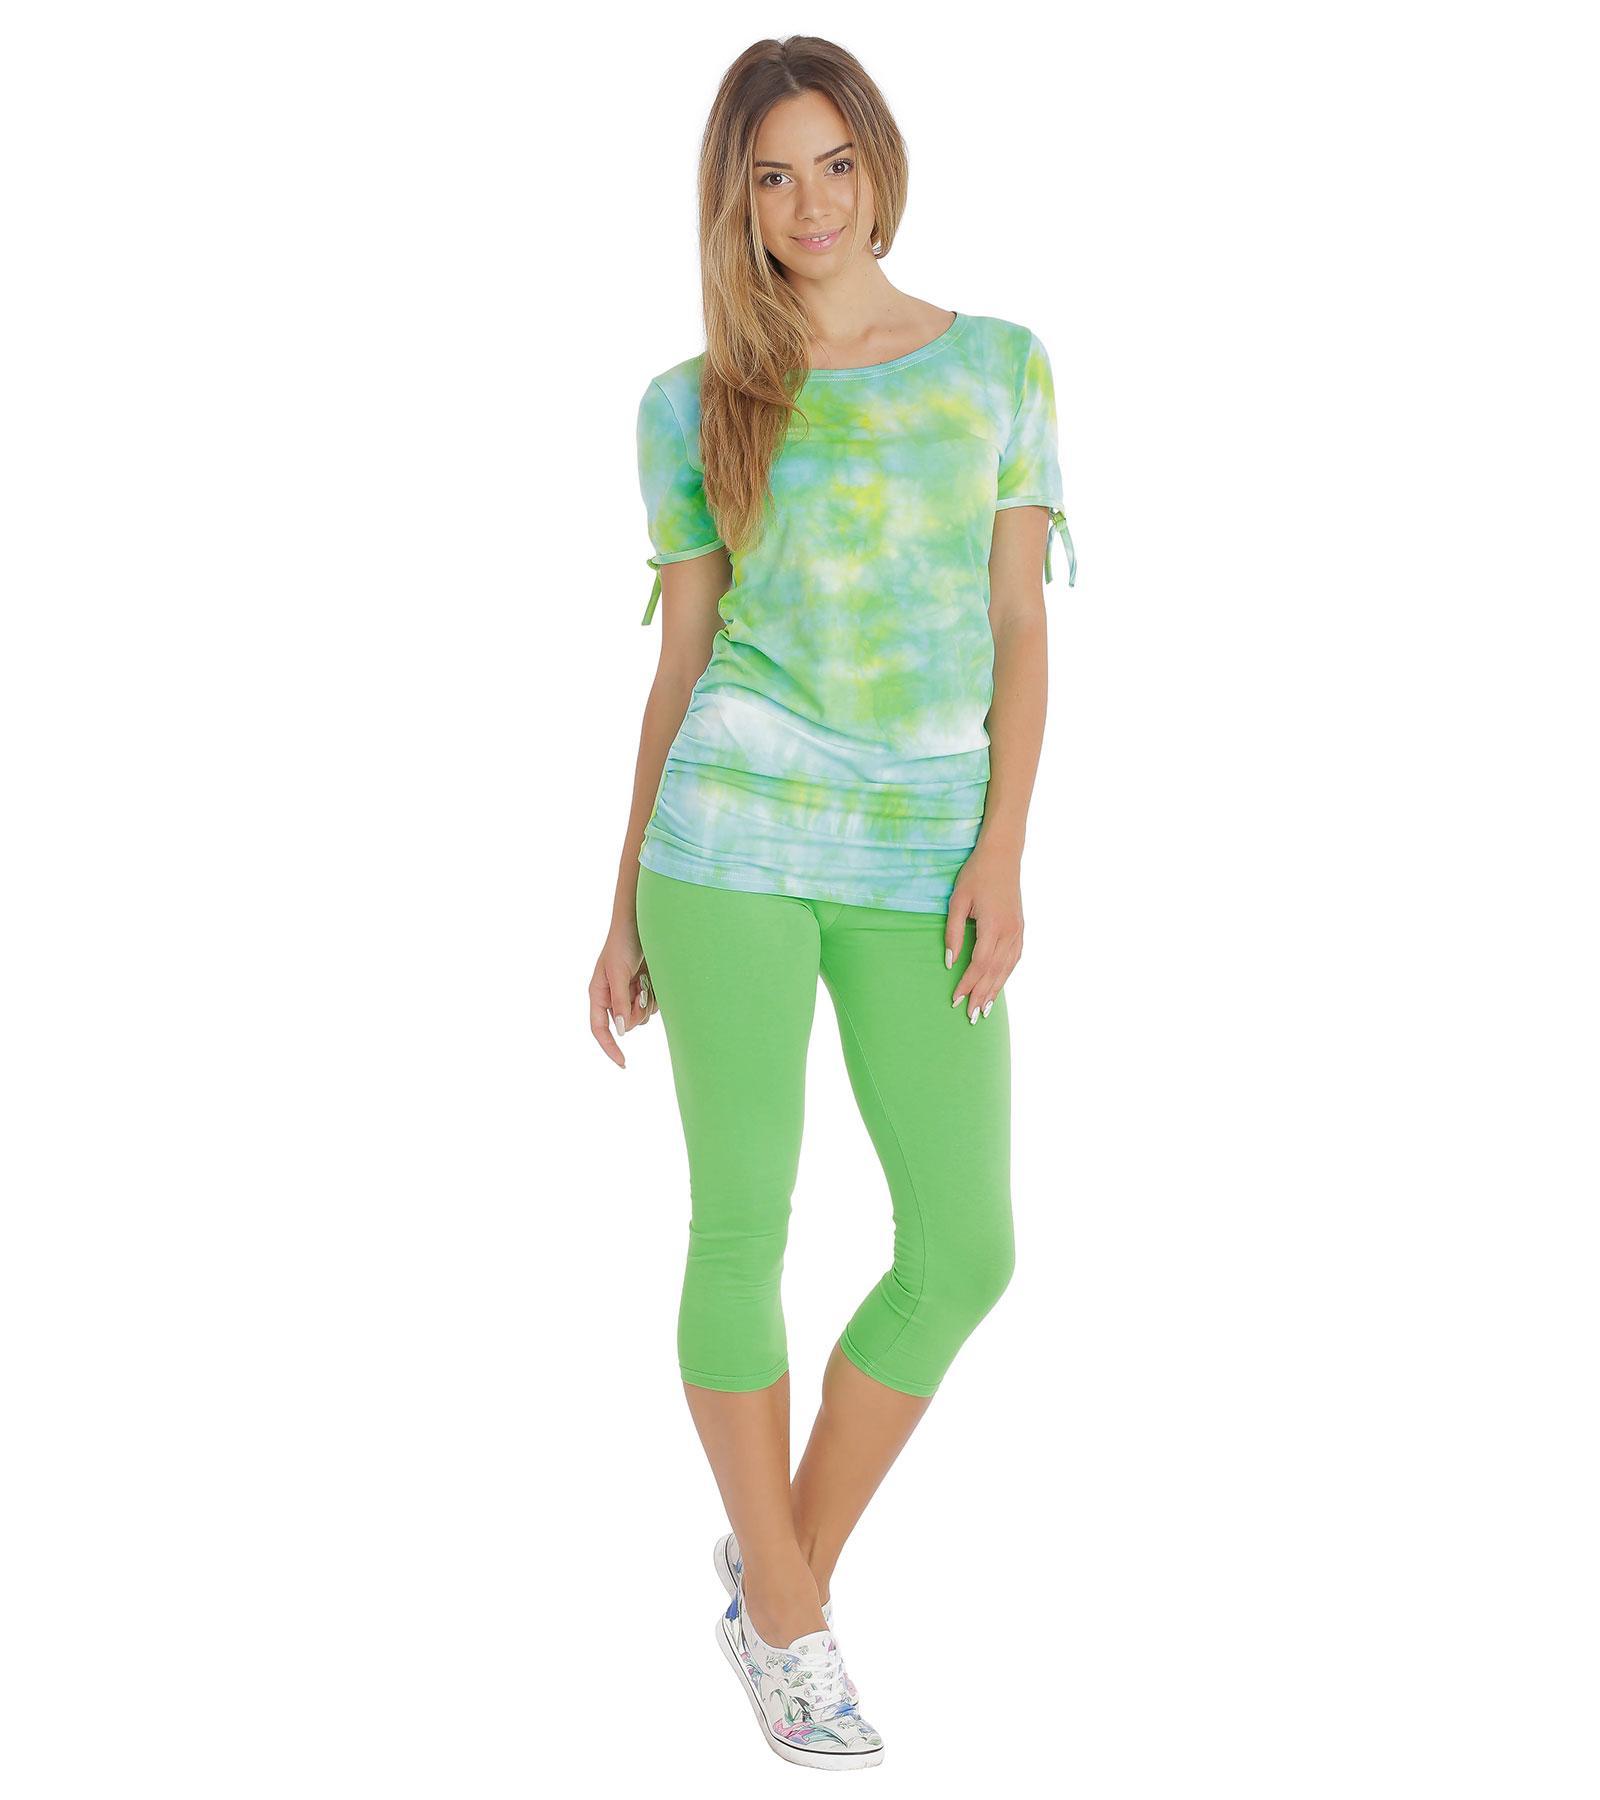 Zielone legginsy do łydki Bensini®